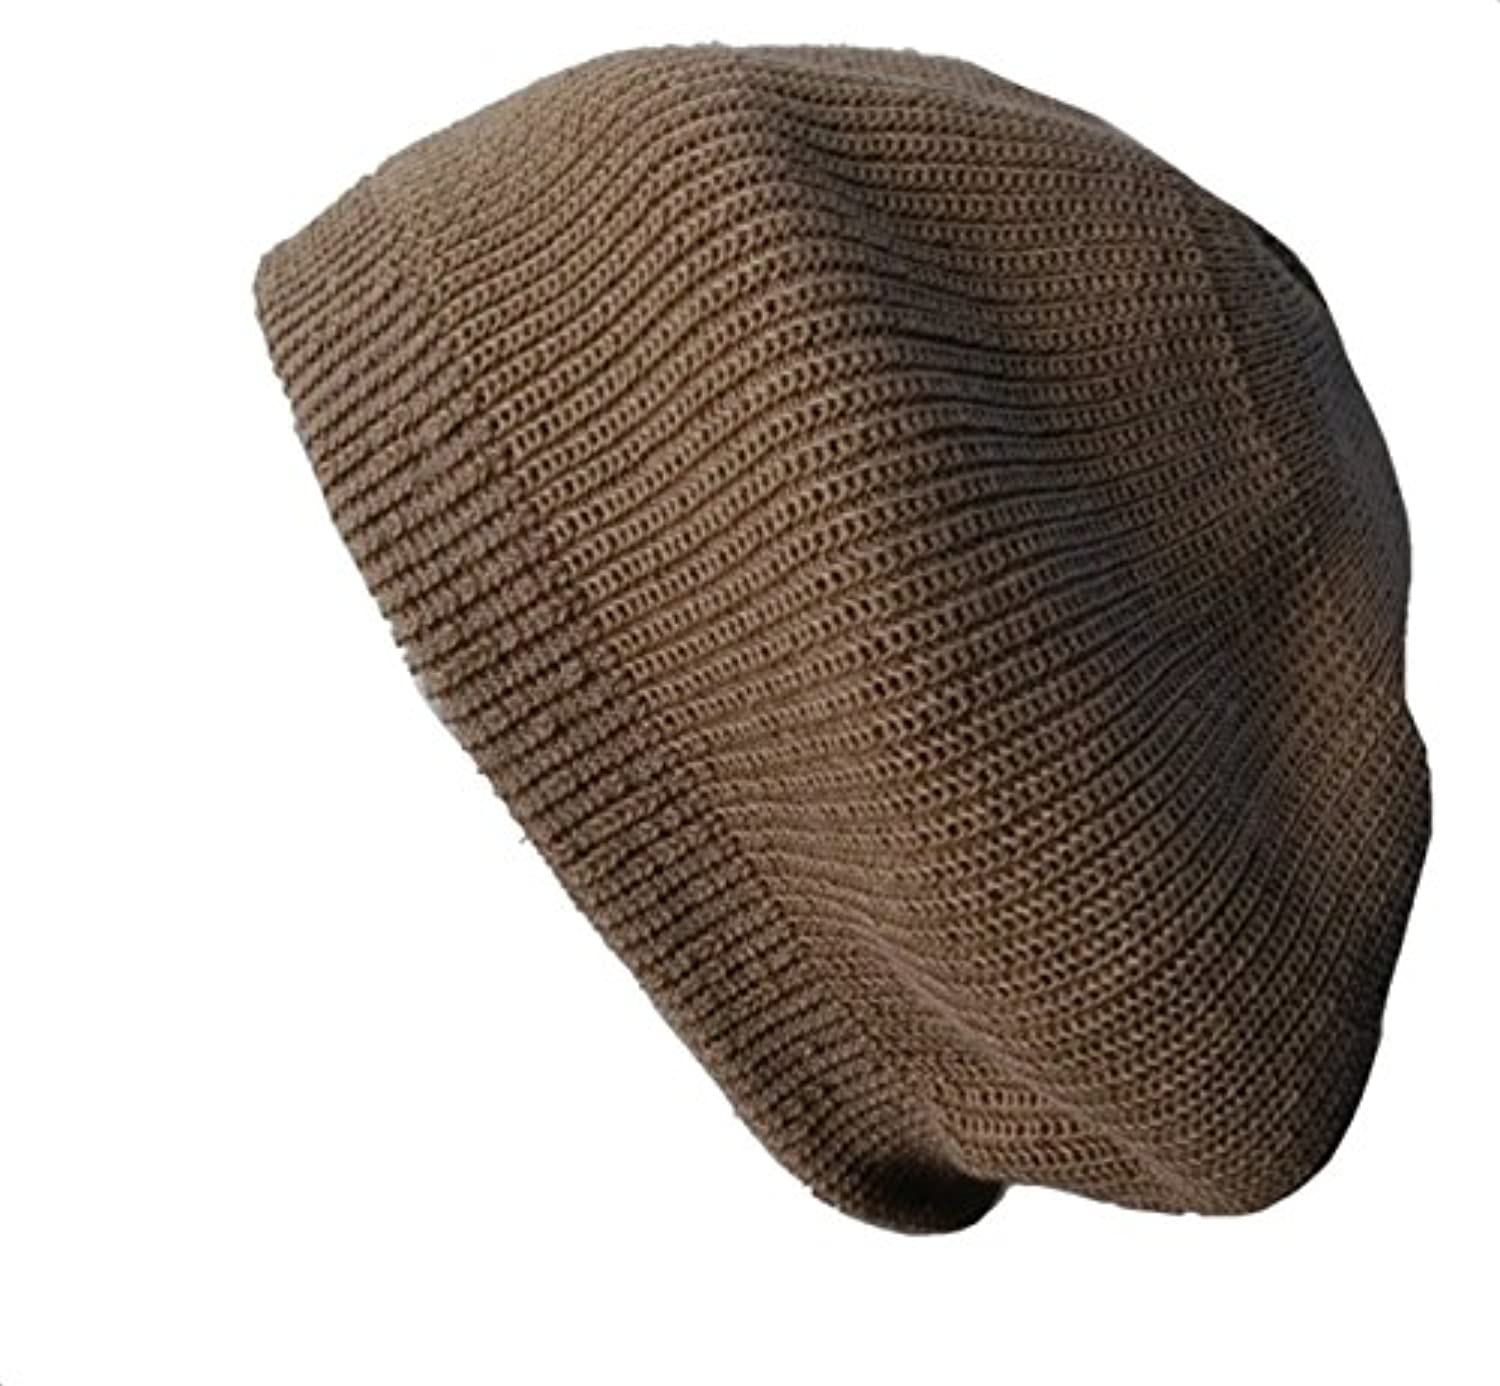 【ノーブランド品】 no brand 【 カラー : ベージュ 】 帽子 サマー ニット ベレー帽 ニット仕立て ゴムリブ編み ベレー レディース メンズ 春 夏 男女兼用 柔らか 軽い